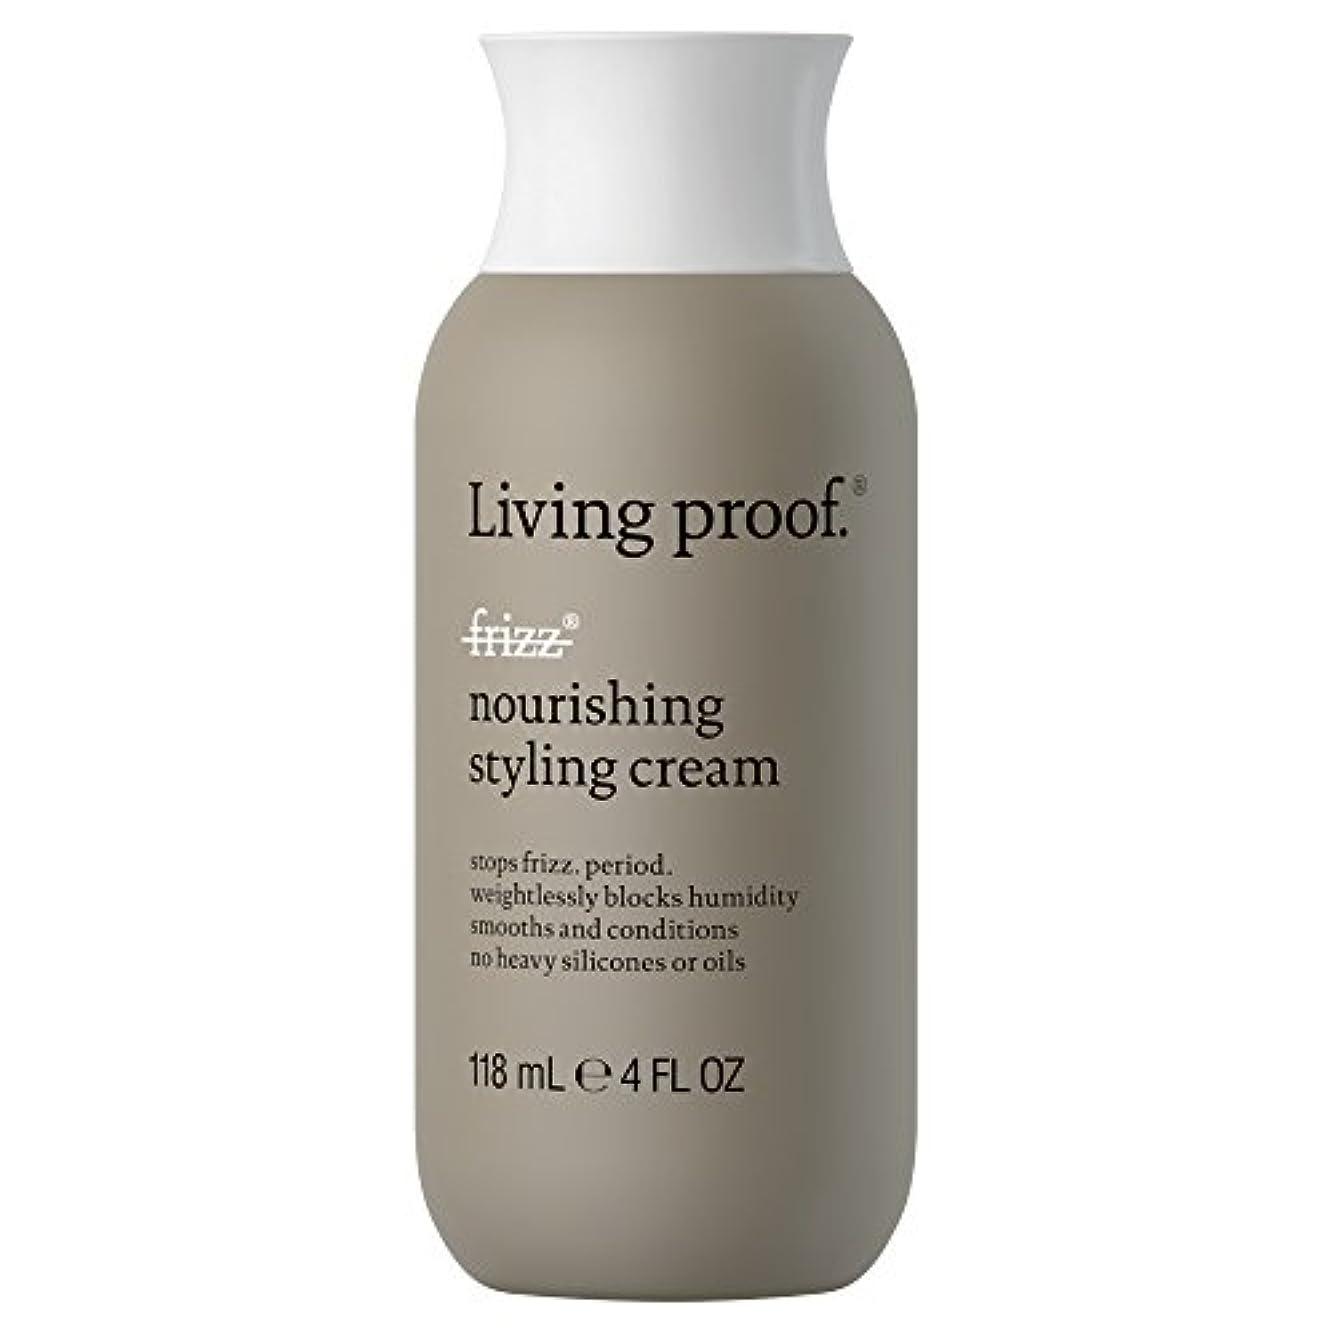 クライマックス伴う指導する生きている証拠なし縮れ栄養スタイリングクリーム118ミリリットル (Living Proof) - Living Proof No Frizz Nourishing Styling Cream 118ml [並行輸入品]